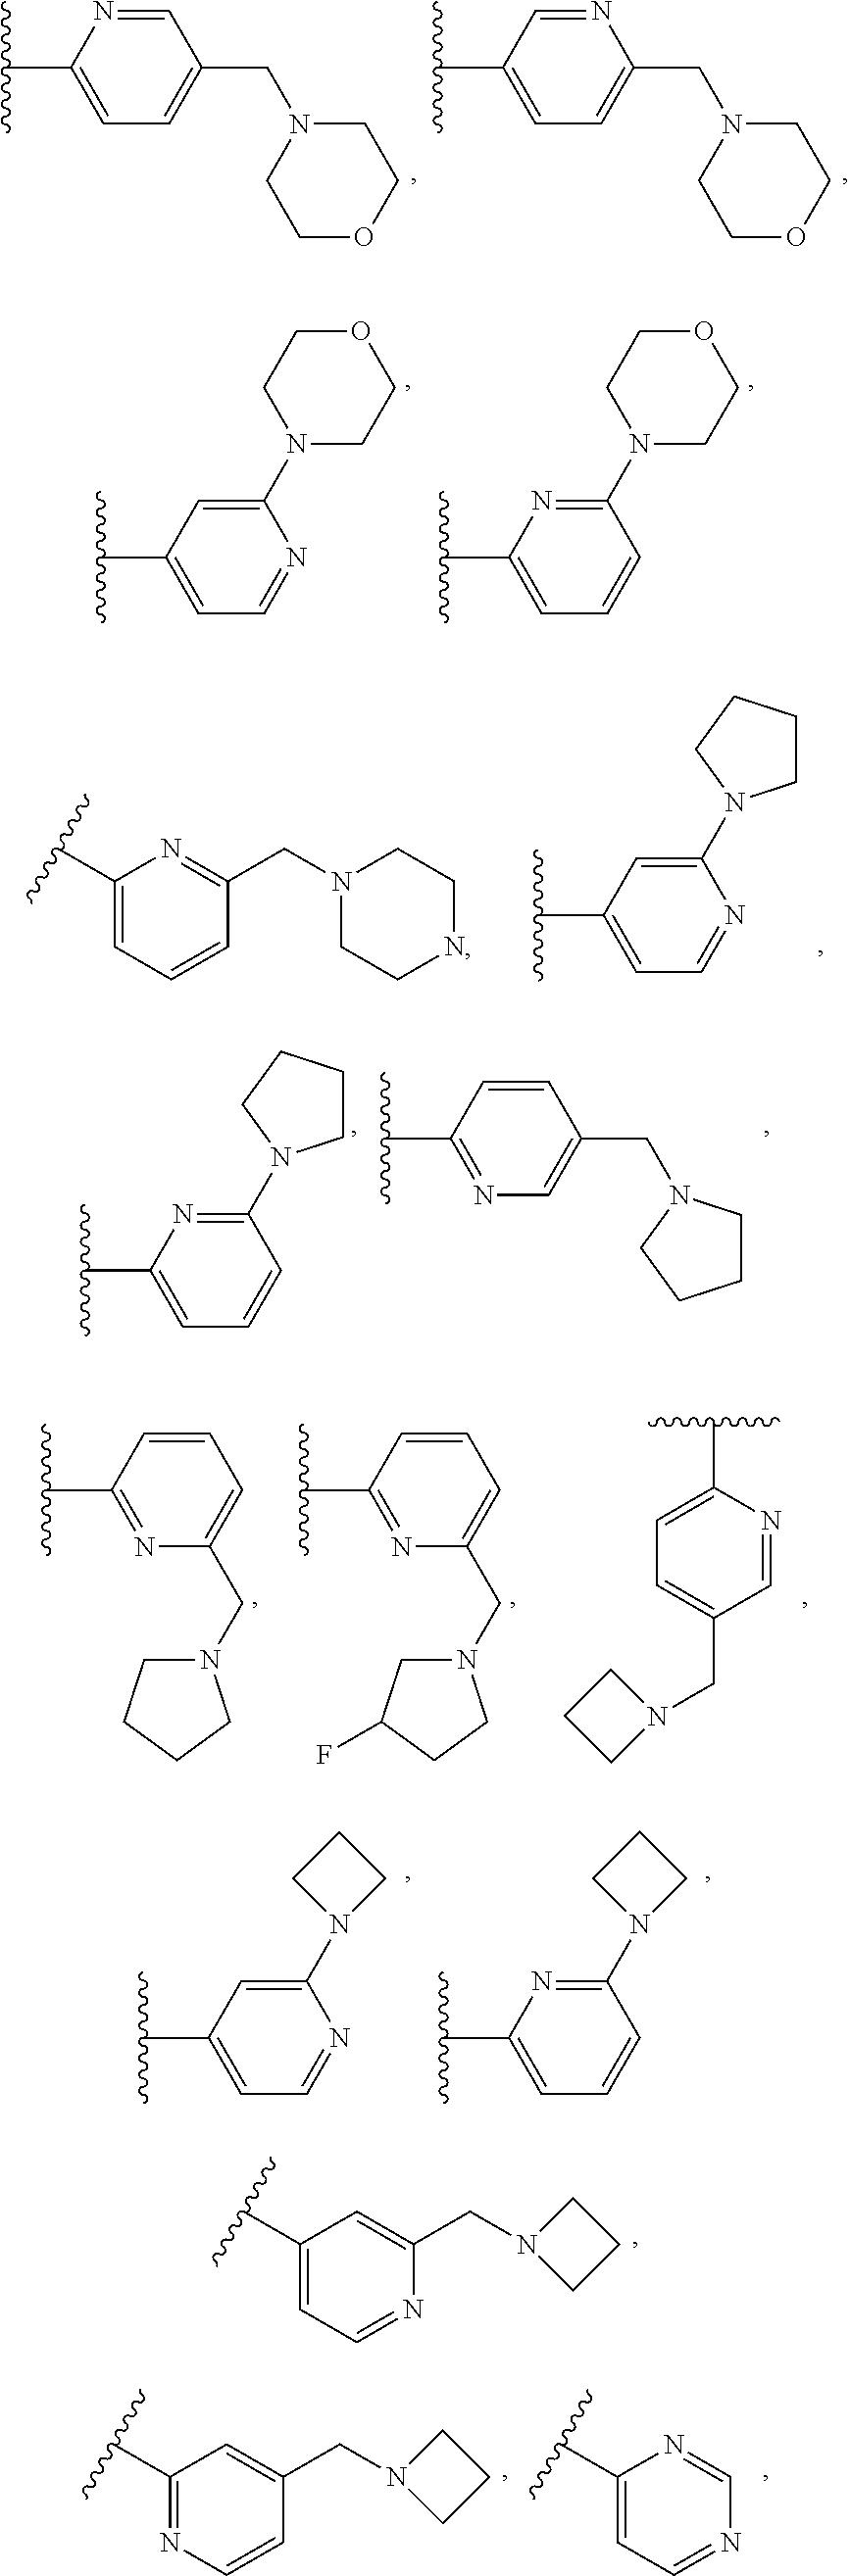 Figure US09326986-20160503-C00021